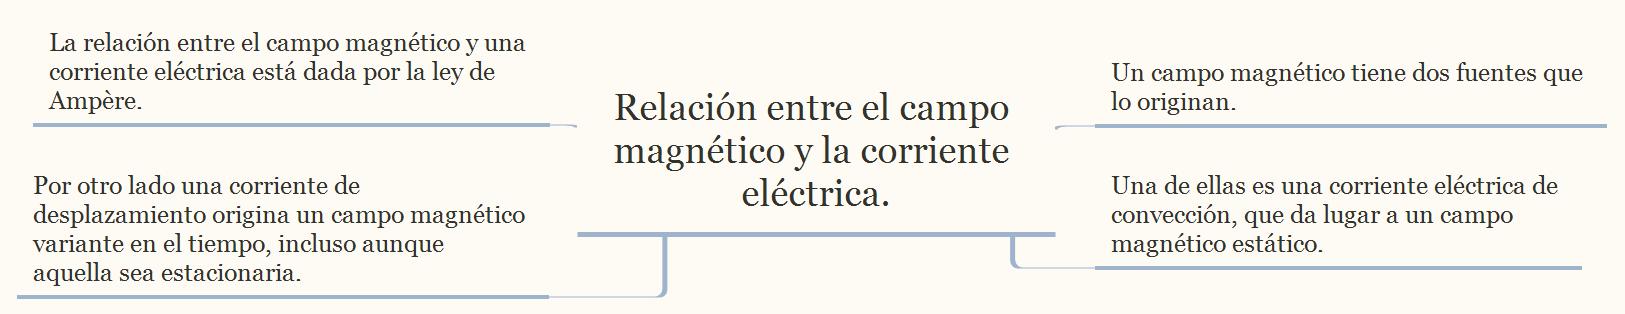 Relación entre el campo magnético y la corriente eléctrica.